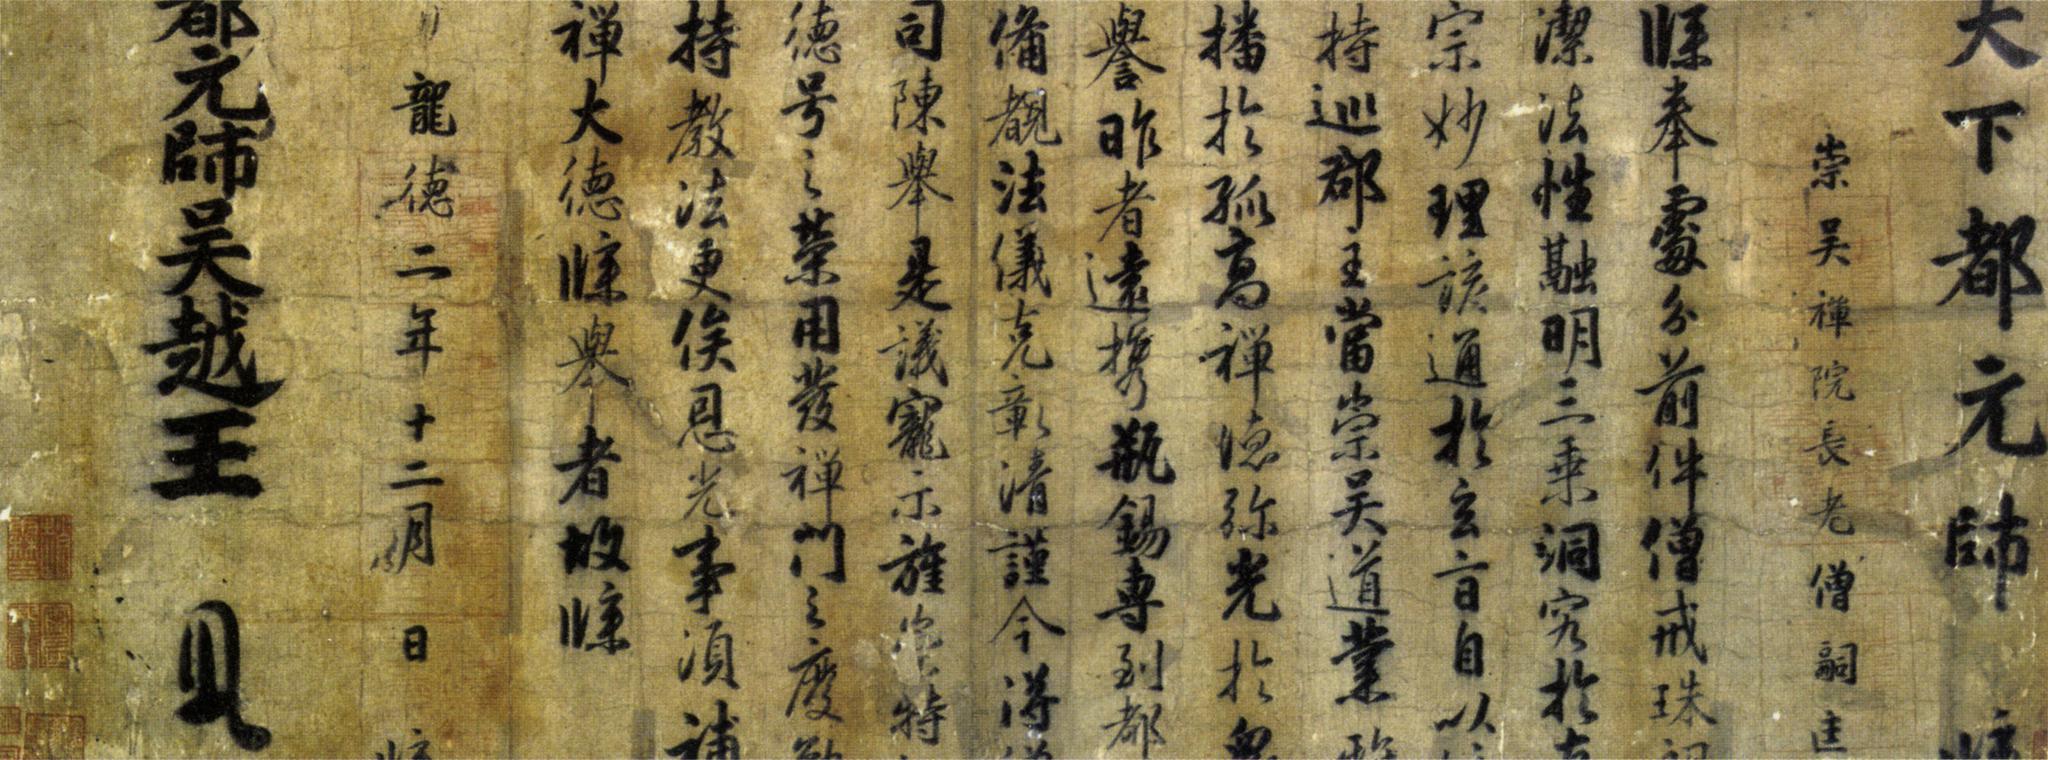 浙江唯一保存完好帝王陵钱镠墓被盗,所处遗址公园仍在施工中